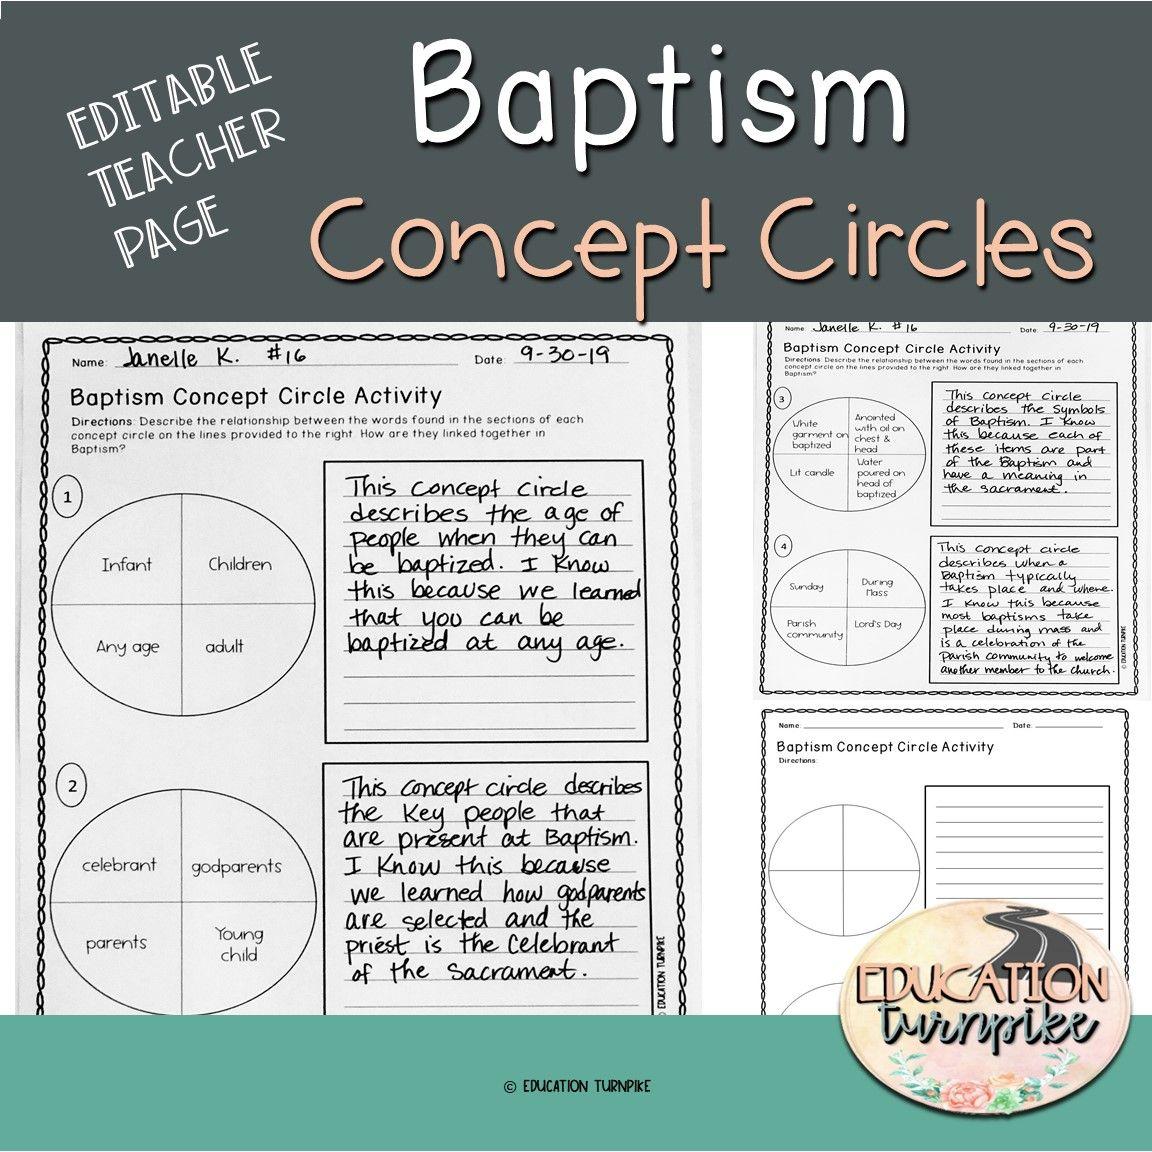 Baptism Concept Circle Activities